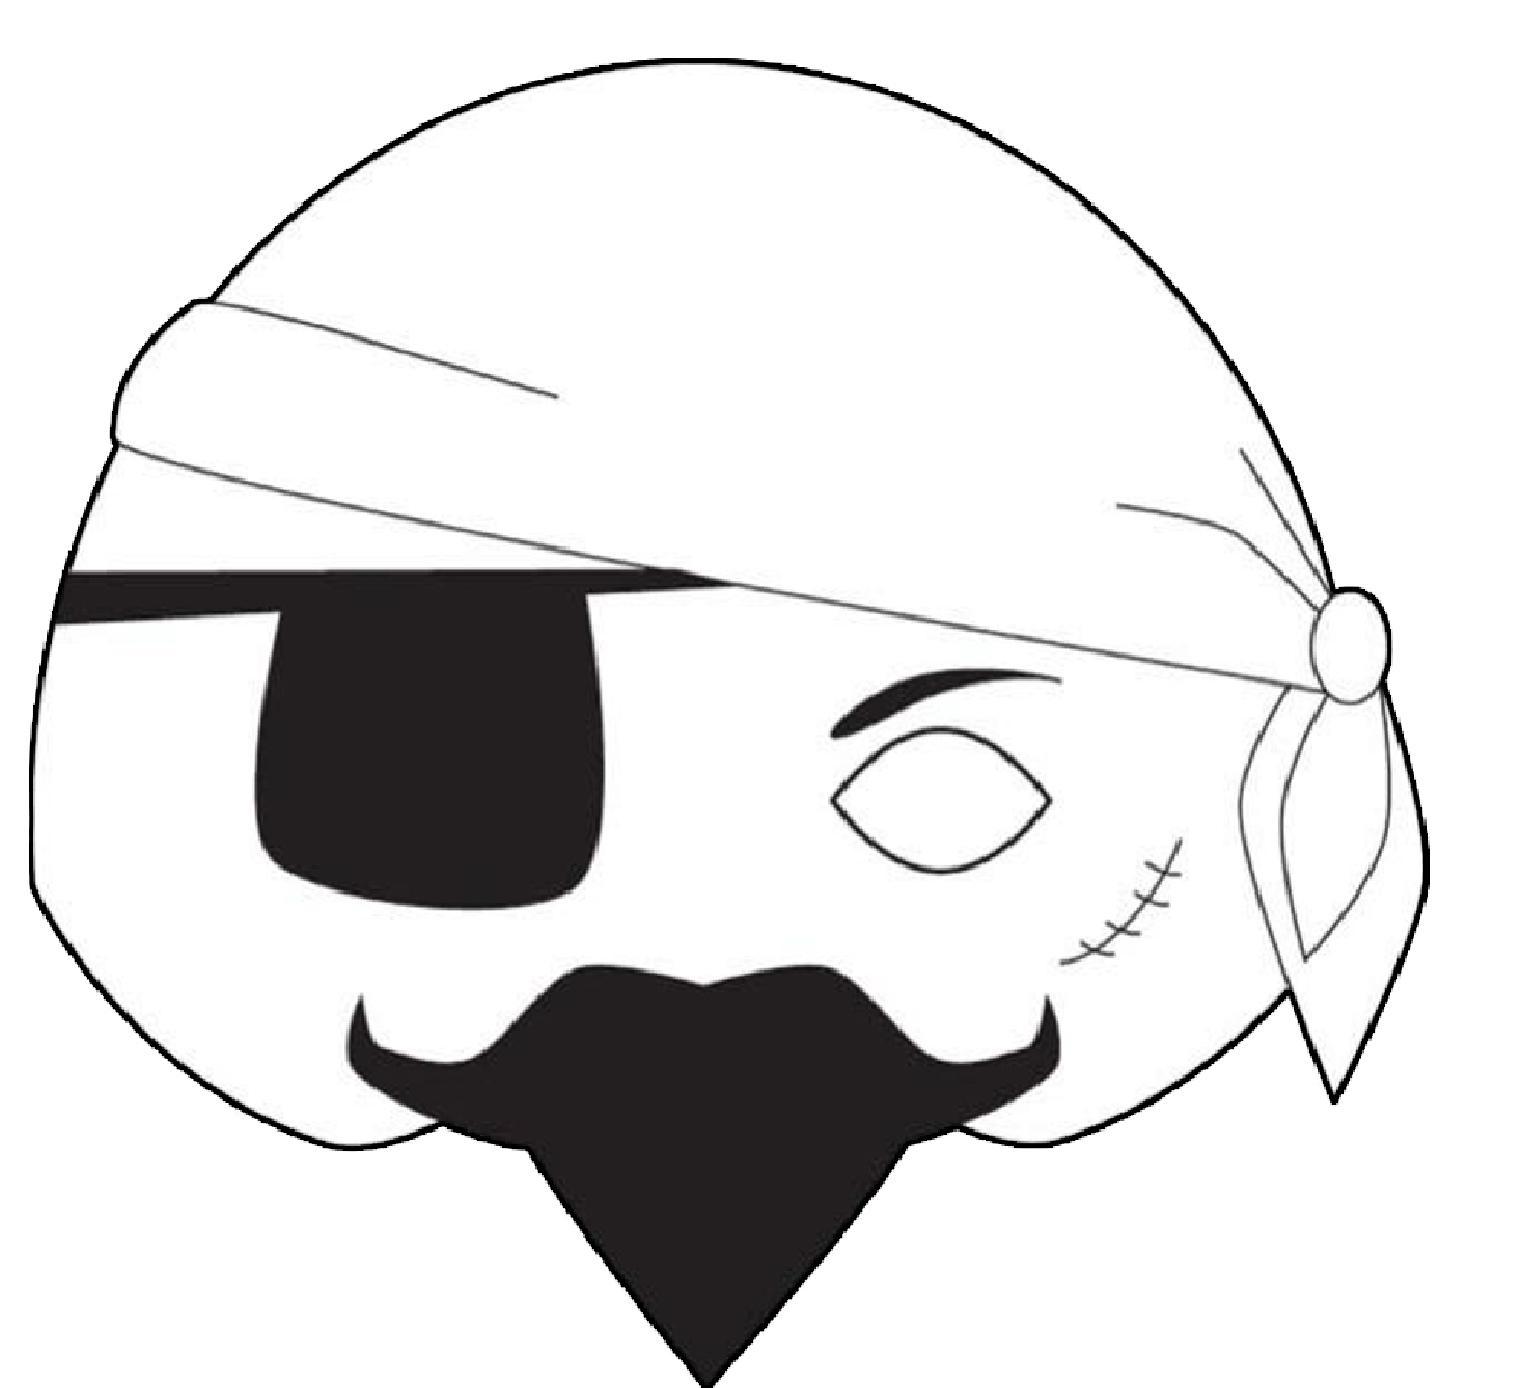 Masque Pirate A Colorier Découpage A Imprimer tout Dessin A Imprimer De Pirate